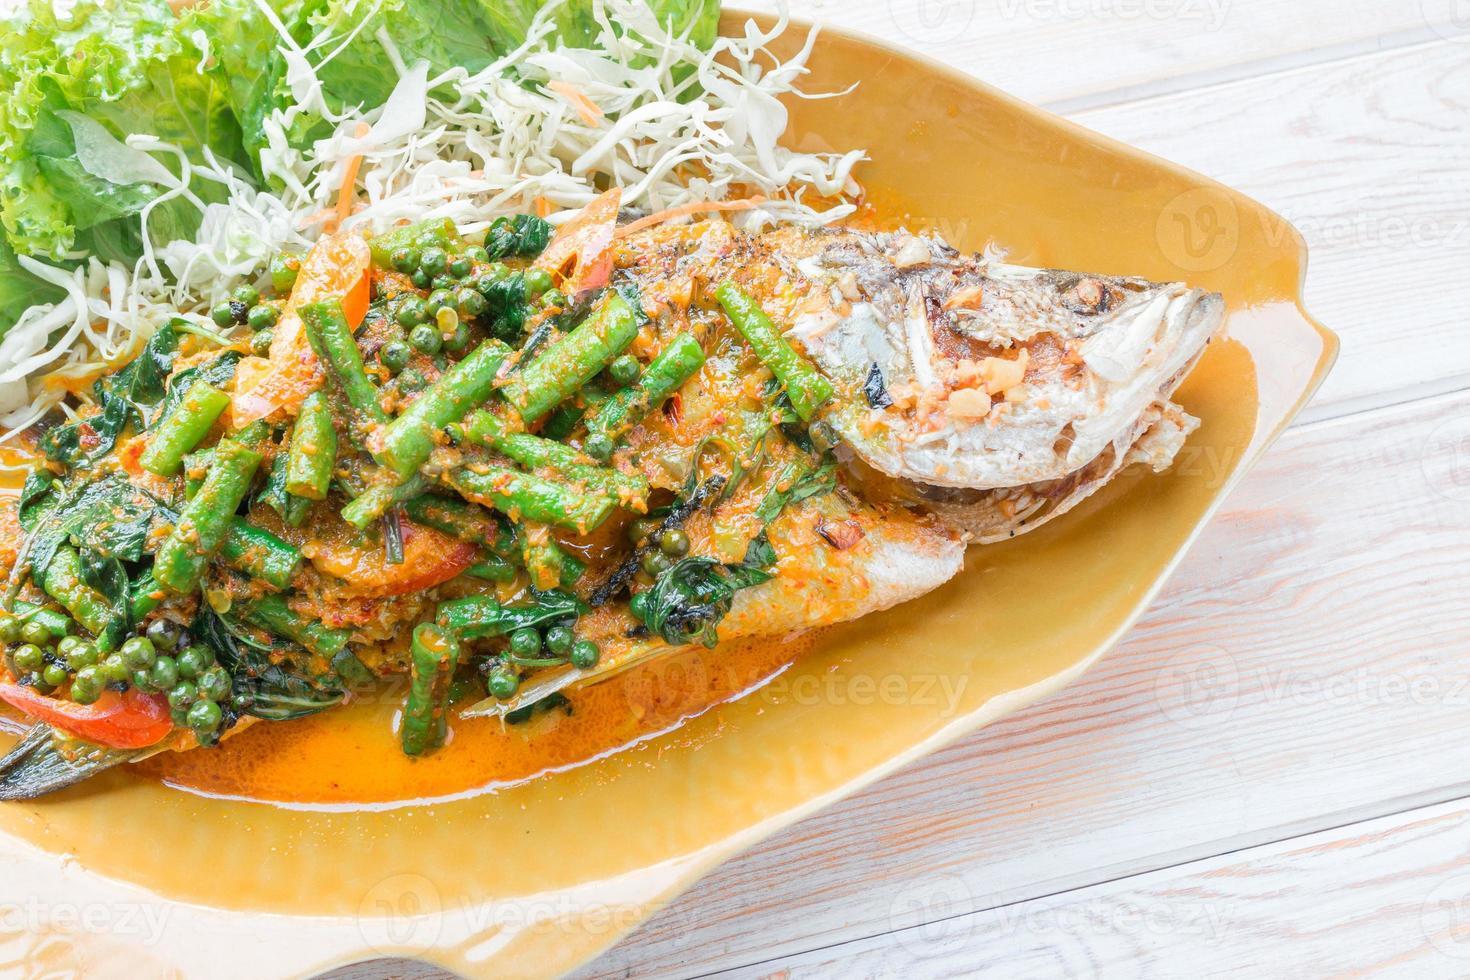 sopa picante de lubina al vapor, pescado al vapor al estilo tailandés foto